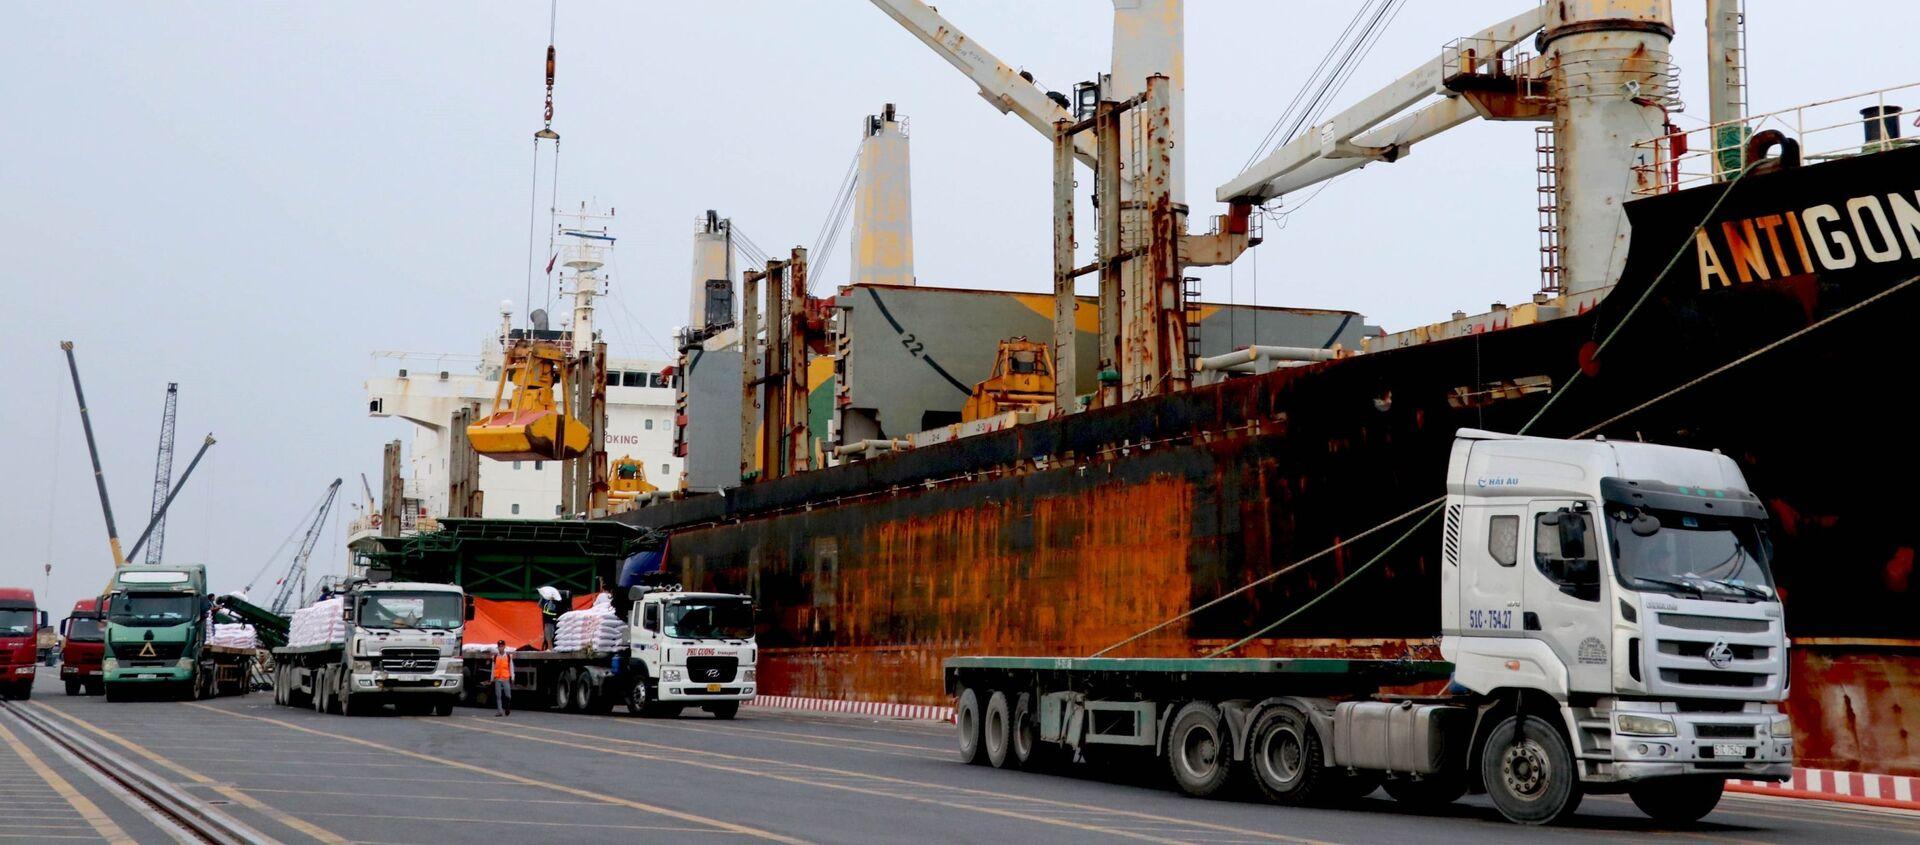 Việc Cảng quốc tế Long An được xây dựng và đi vào hoạt động góp phần giúp doanh nghiệp trong khu vực cắt giảm chi phí vận chuyển, thúc đẩy phát triển kinh tế xã hội của khu vực. - Sputnik Việt Nam, 1920, 08.02.2021